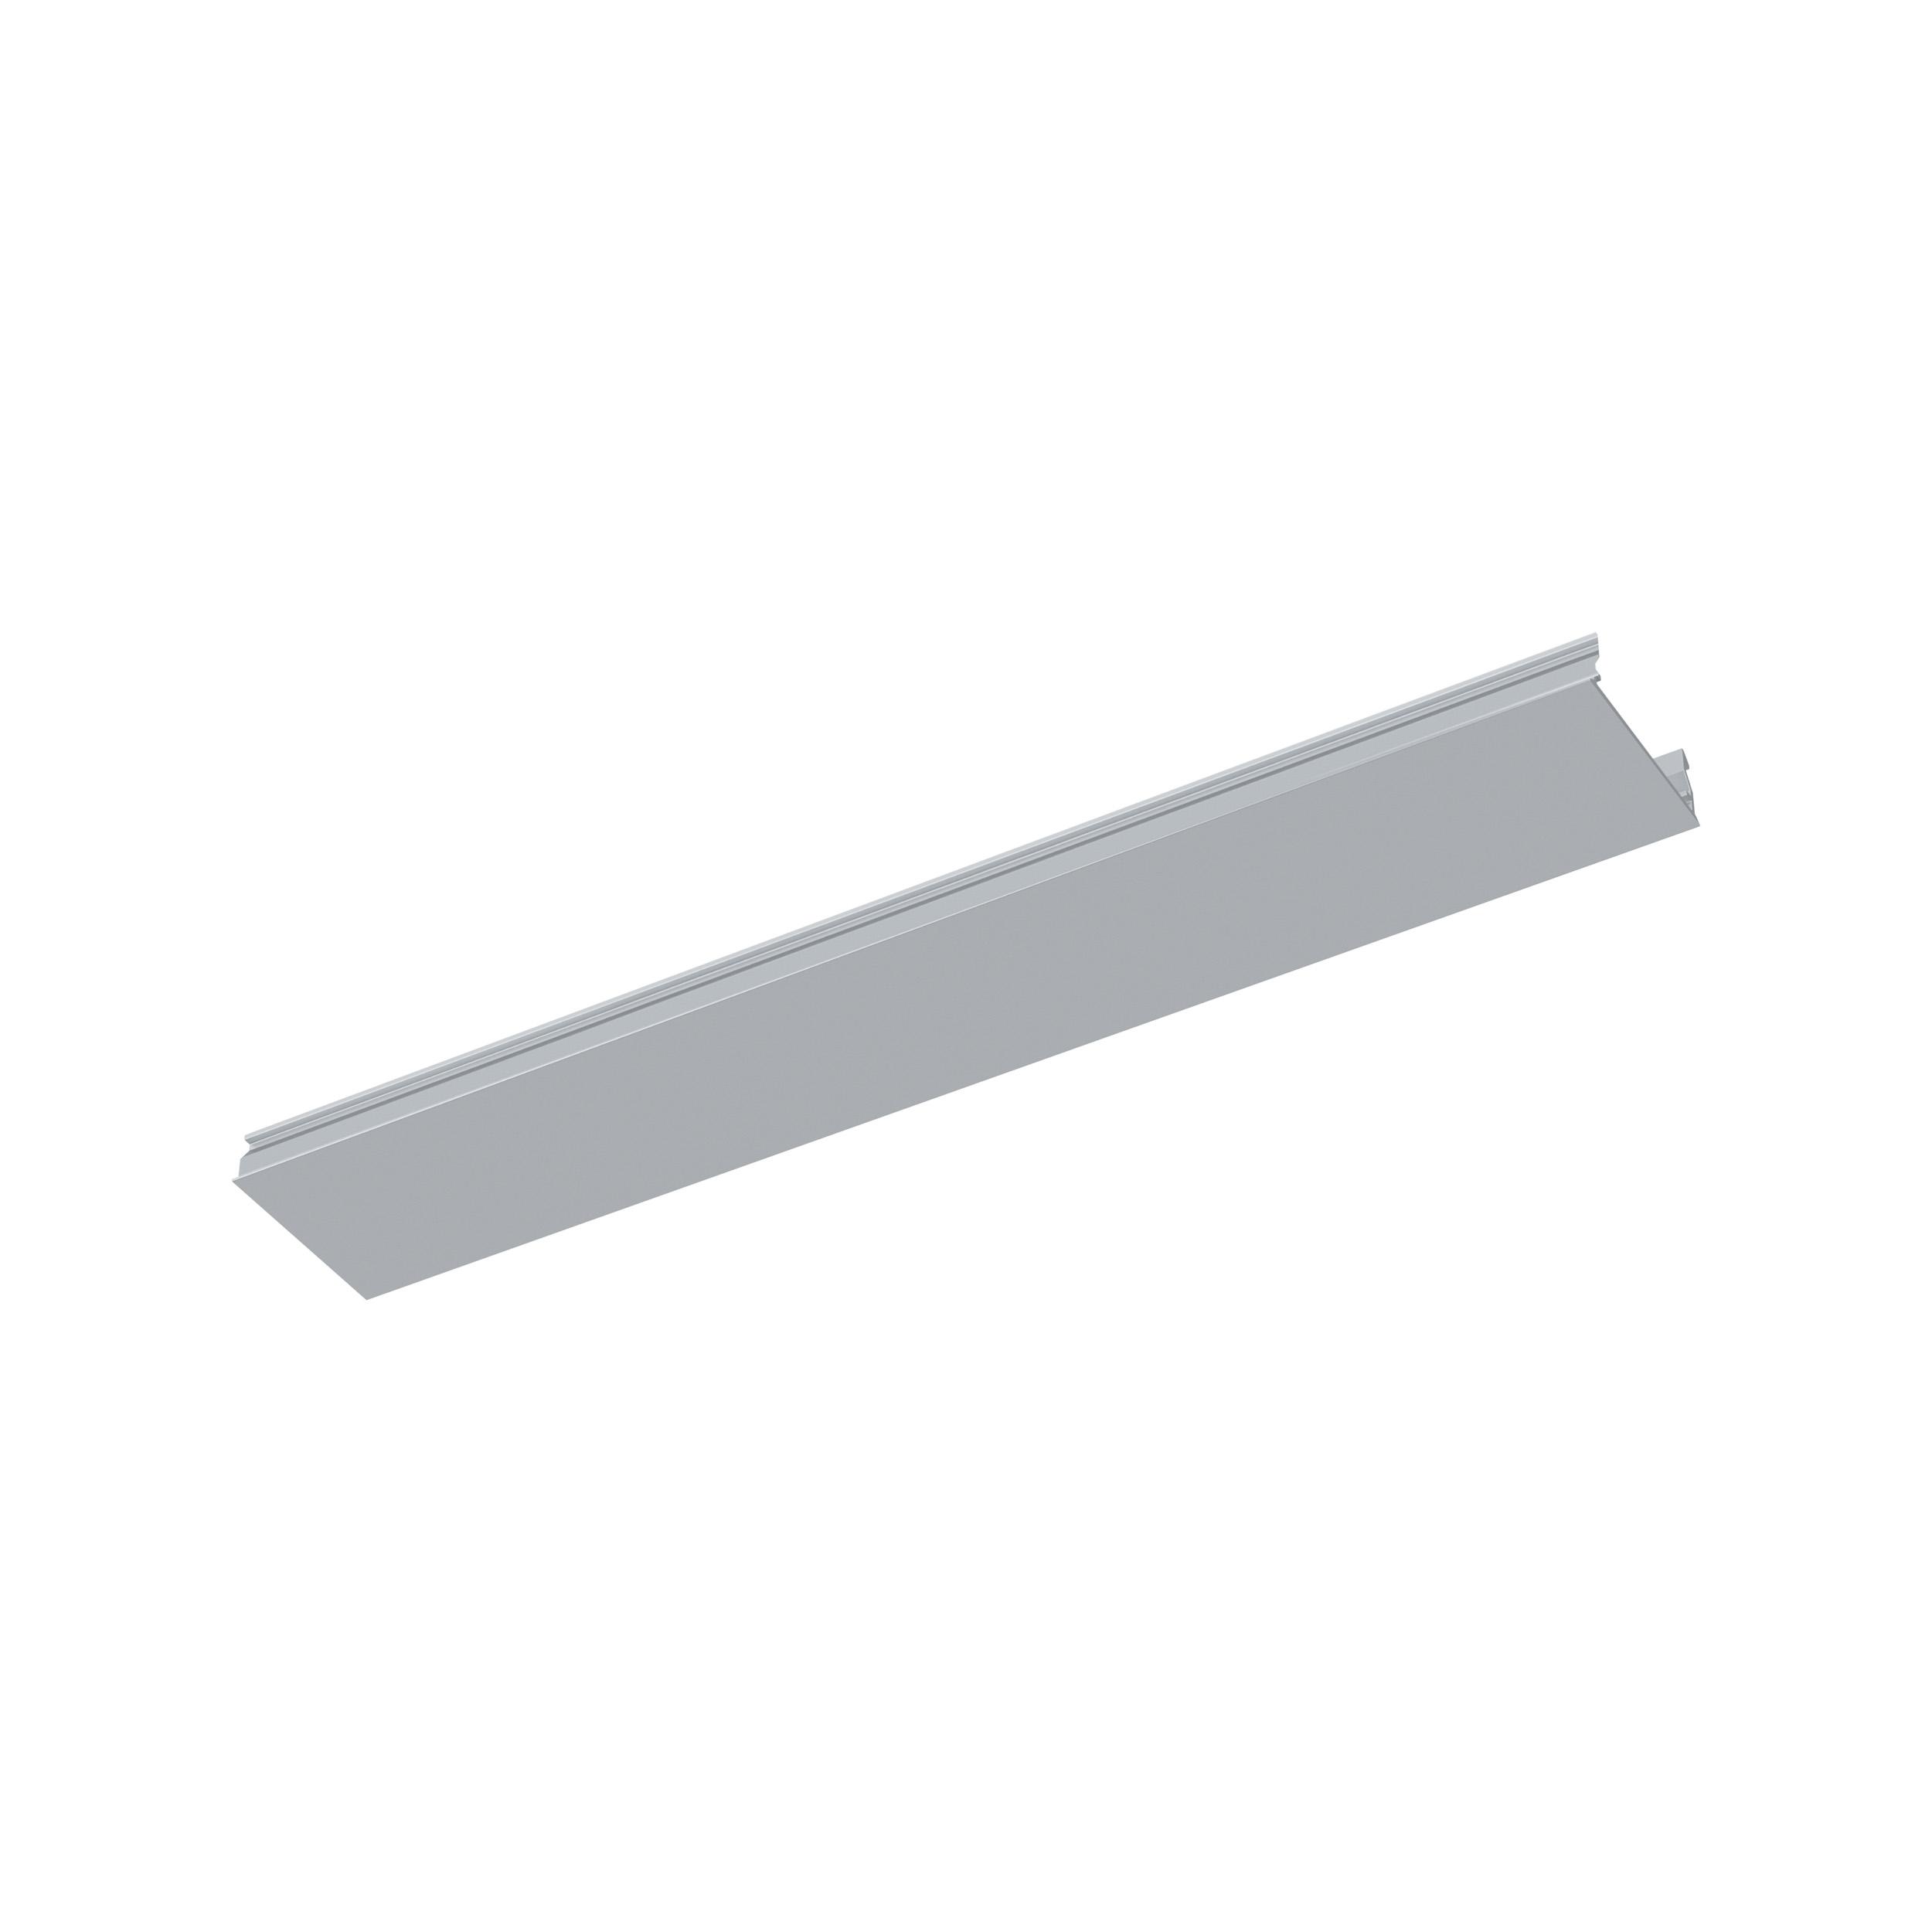 1 Stk Abdeckung Aluminium eloxiert, L-2565mm LI65346---